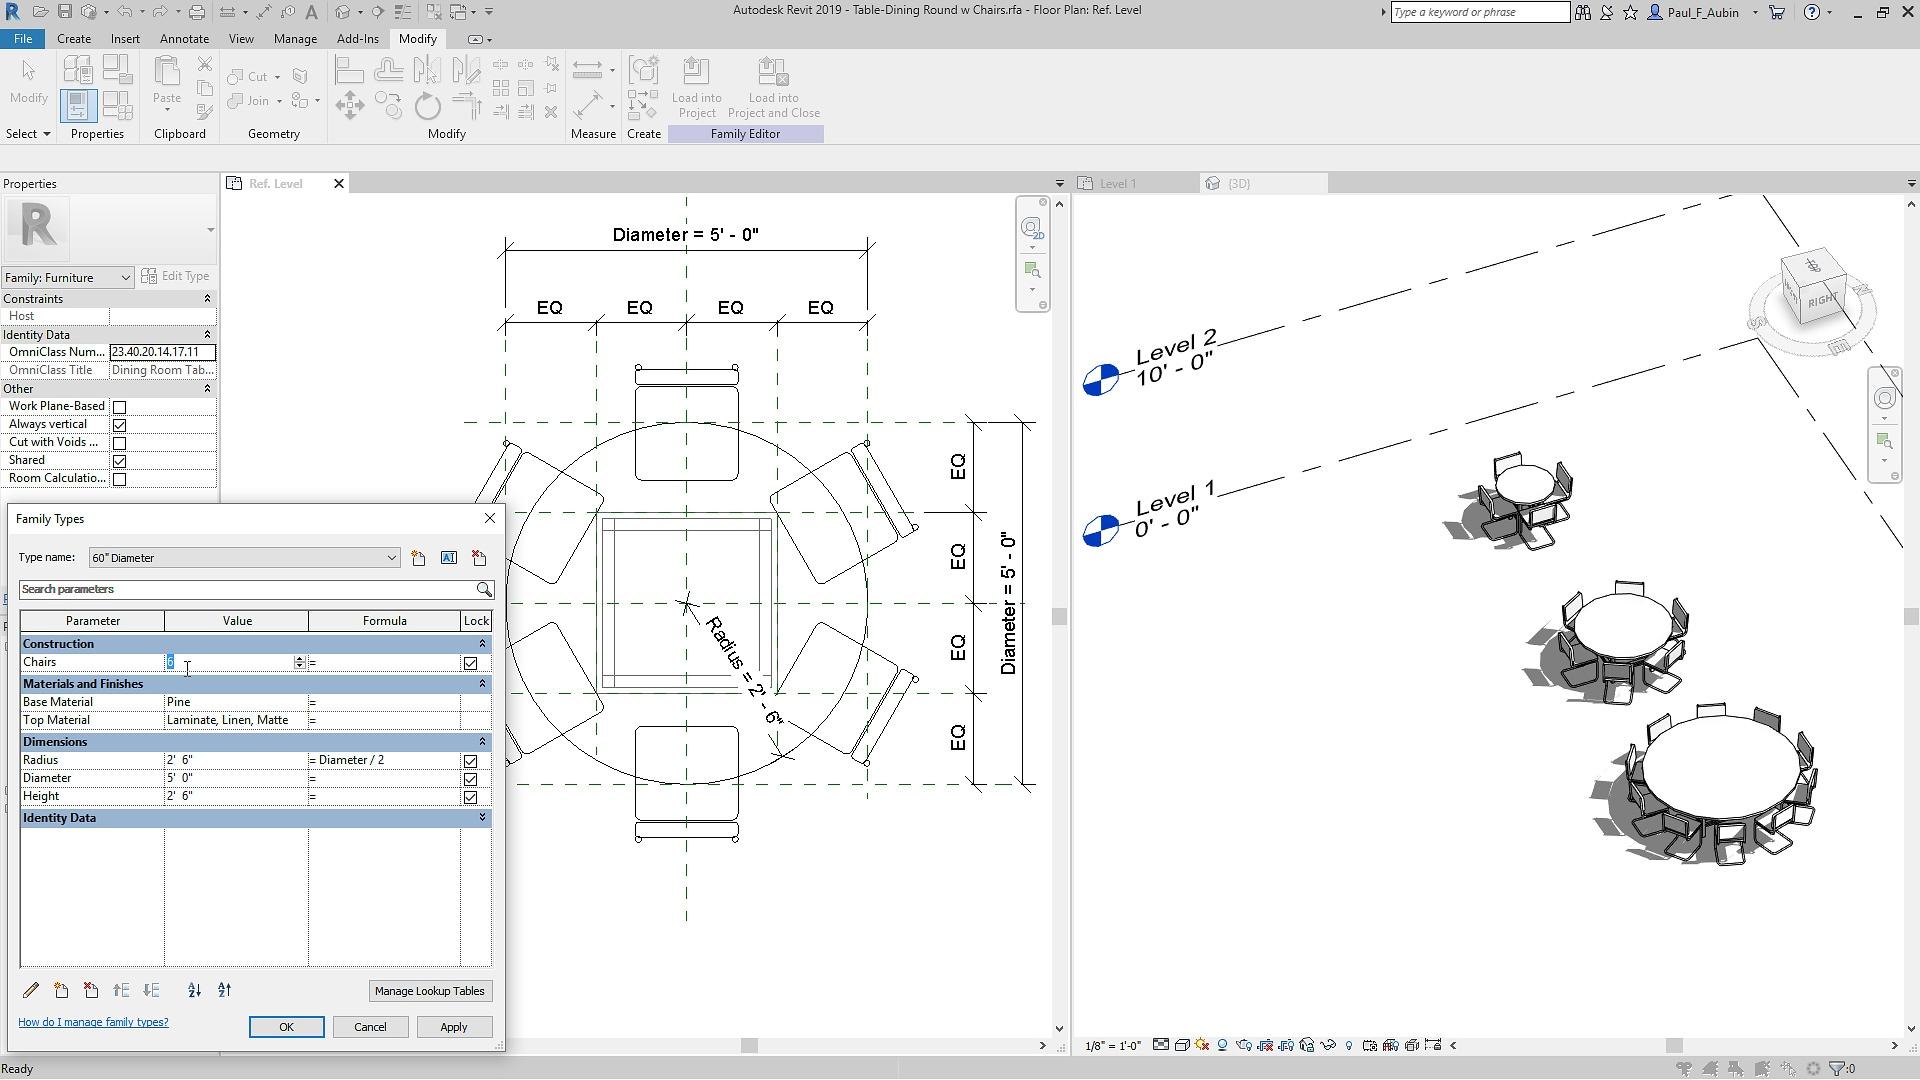 Bim Software Features Revit 2019 Autodesk Hvac Drawing Program Parametric Components